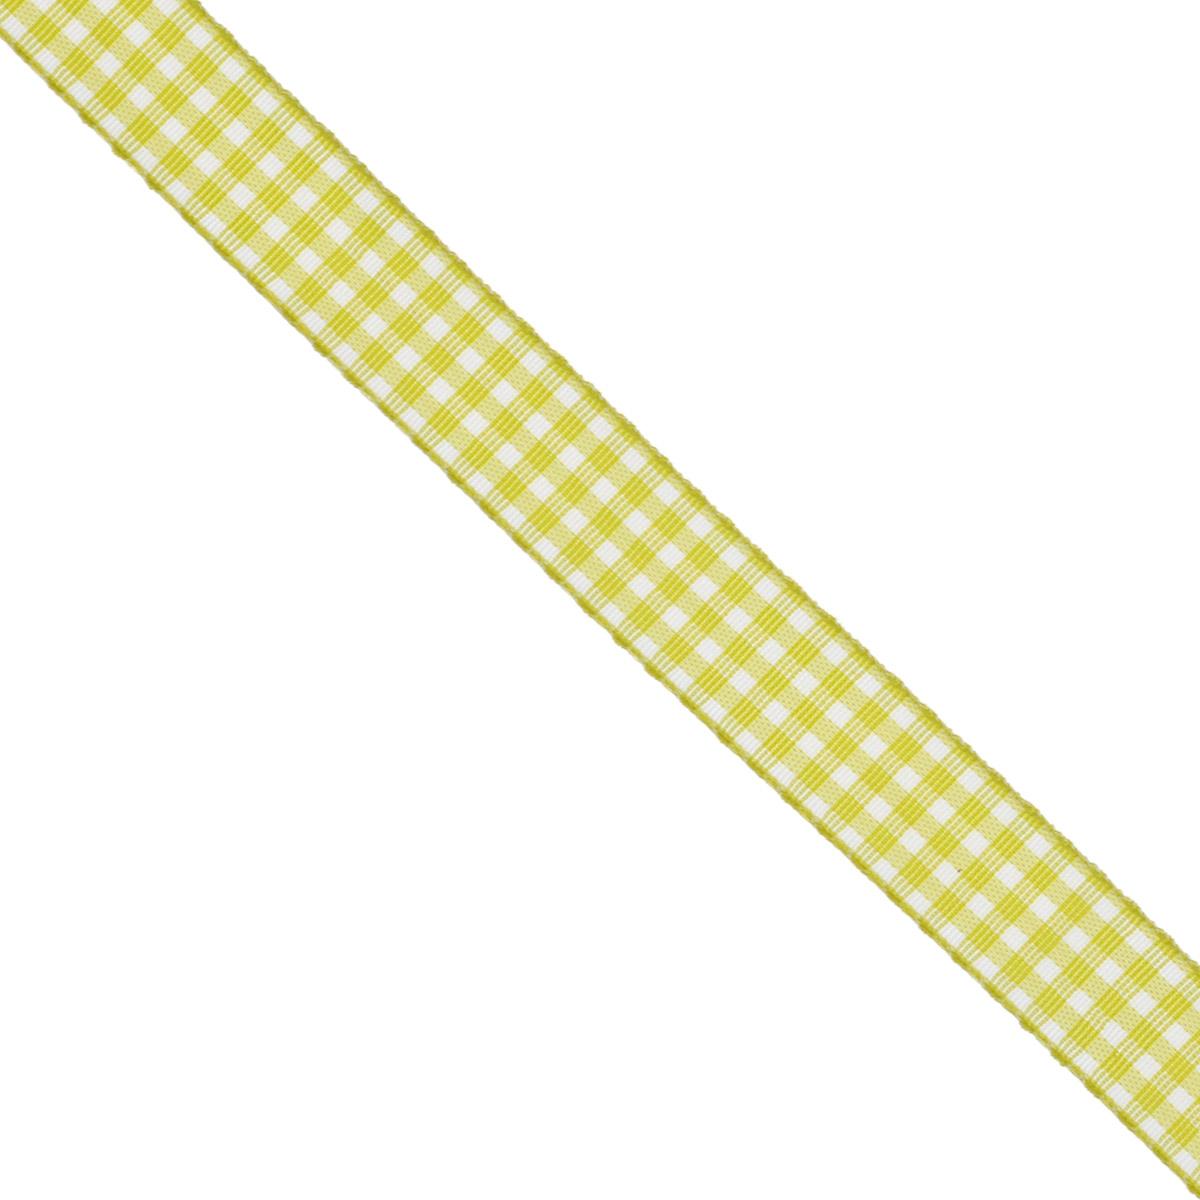 Лента декоративная Brunnen, цвет: зеленый, ширина 1,5 см, длина 2 м834113-46\STWДекоративная лента Brunnen, изготовленная из текстиля, предназначена для оформления цветочных букетов, подарочных коробок, пакетов. Кроме того, она с успехом применяется для художественного оформления витрин, праздничного оформления помещений, изготовления искусственных цветов. Ее также можно использовать для творчества в различных техниках, таких как скрапбукинг, оформление аппликаций, для украшения фотоальбомов, подарков, конвертов, фоторамок, открыток и т.д.Ширина ленты: 1,5 см.Длина ленты: 2 м.